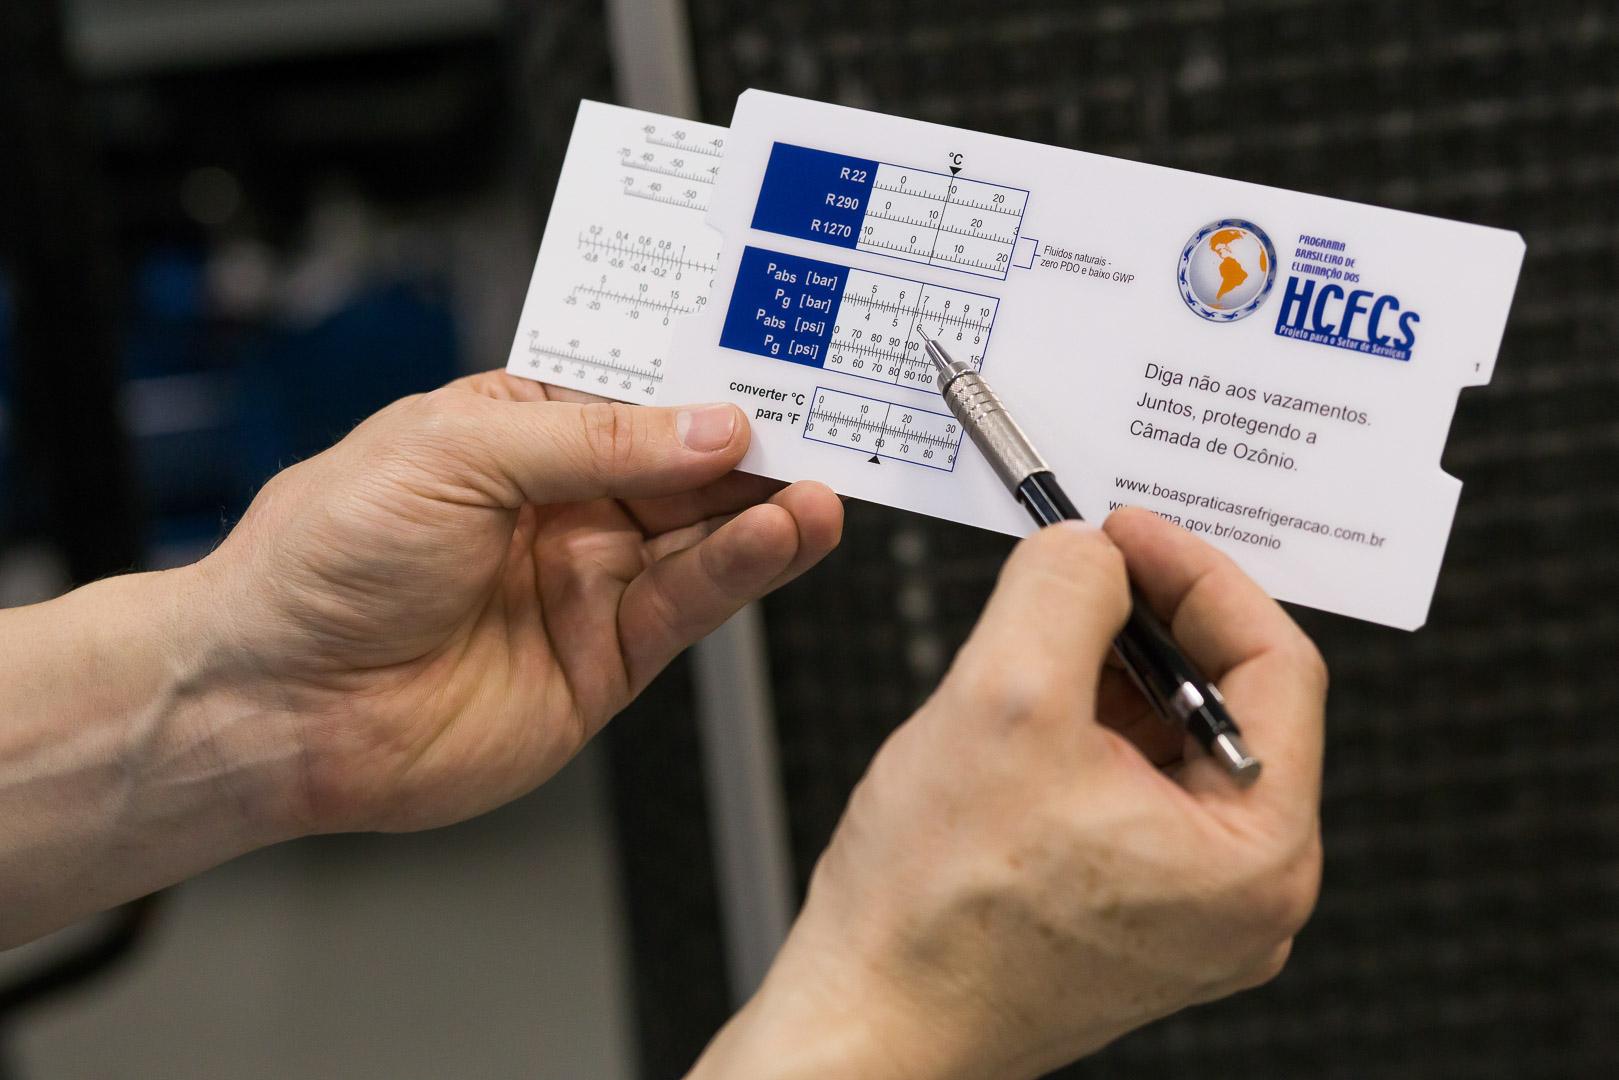 Mais de nove mil alunos de cursos RAC receberão réguas técnicas para fluidos frigoríficos